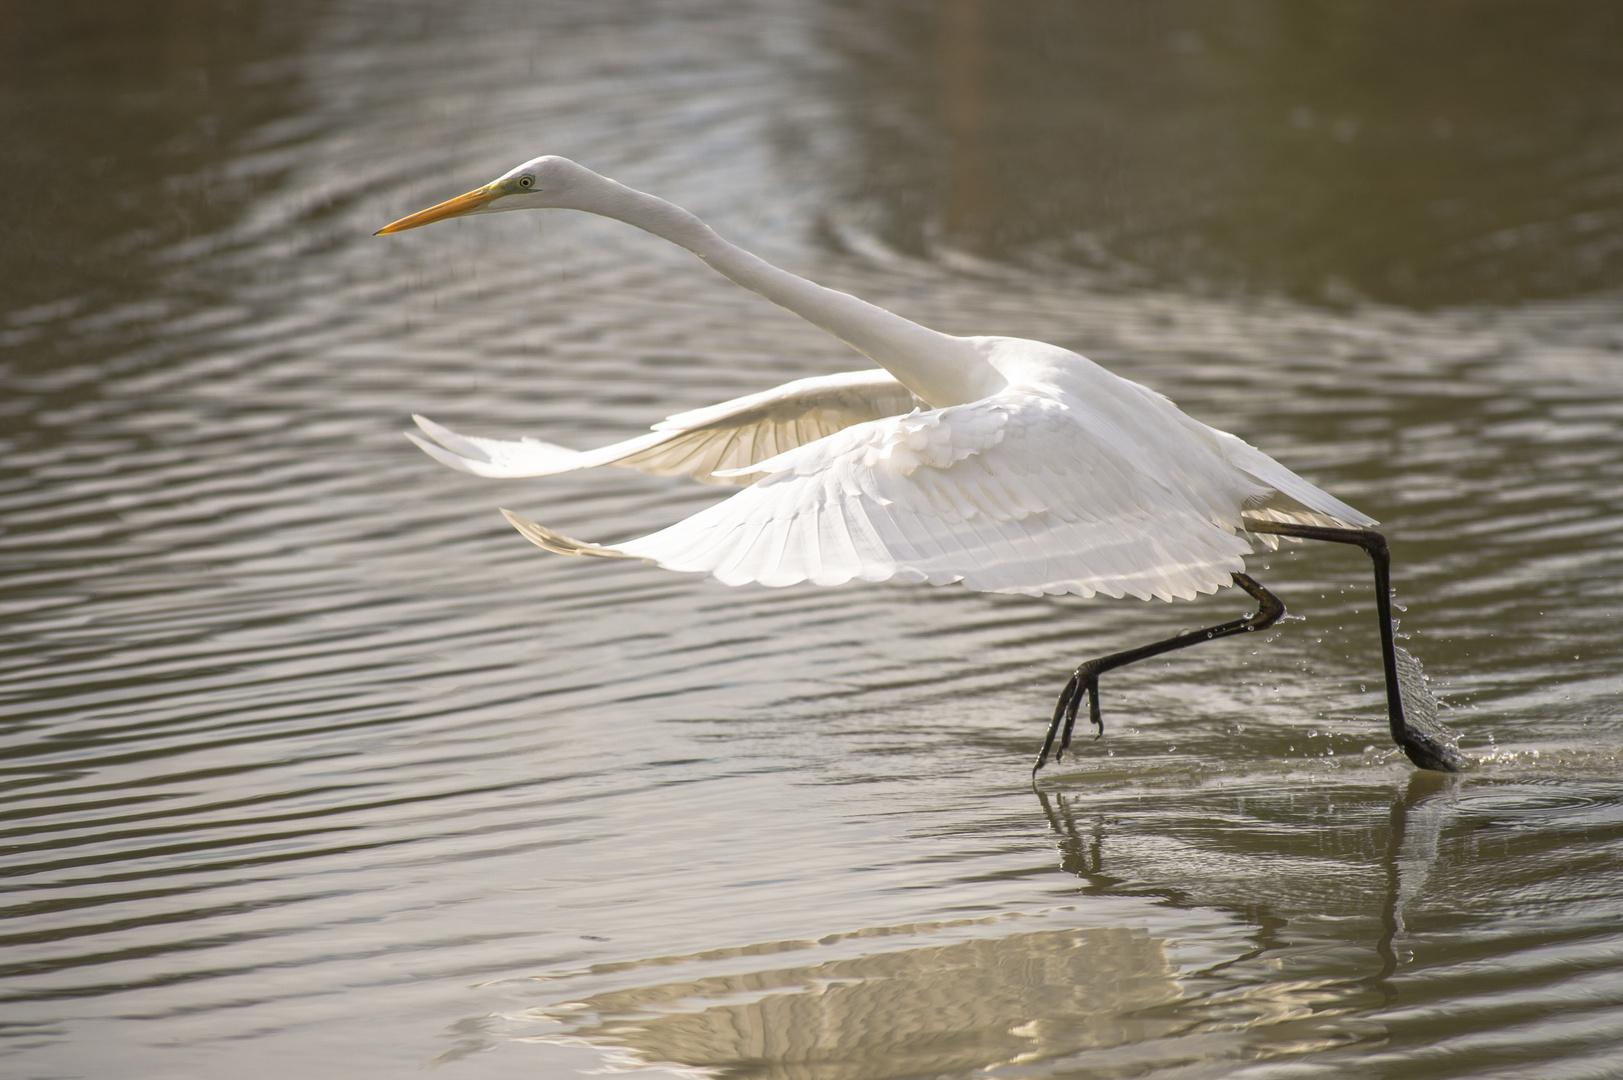 Die Beine sind einfach zu langsam wenn der Fisch ruft...